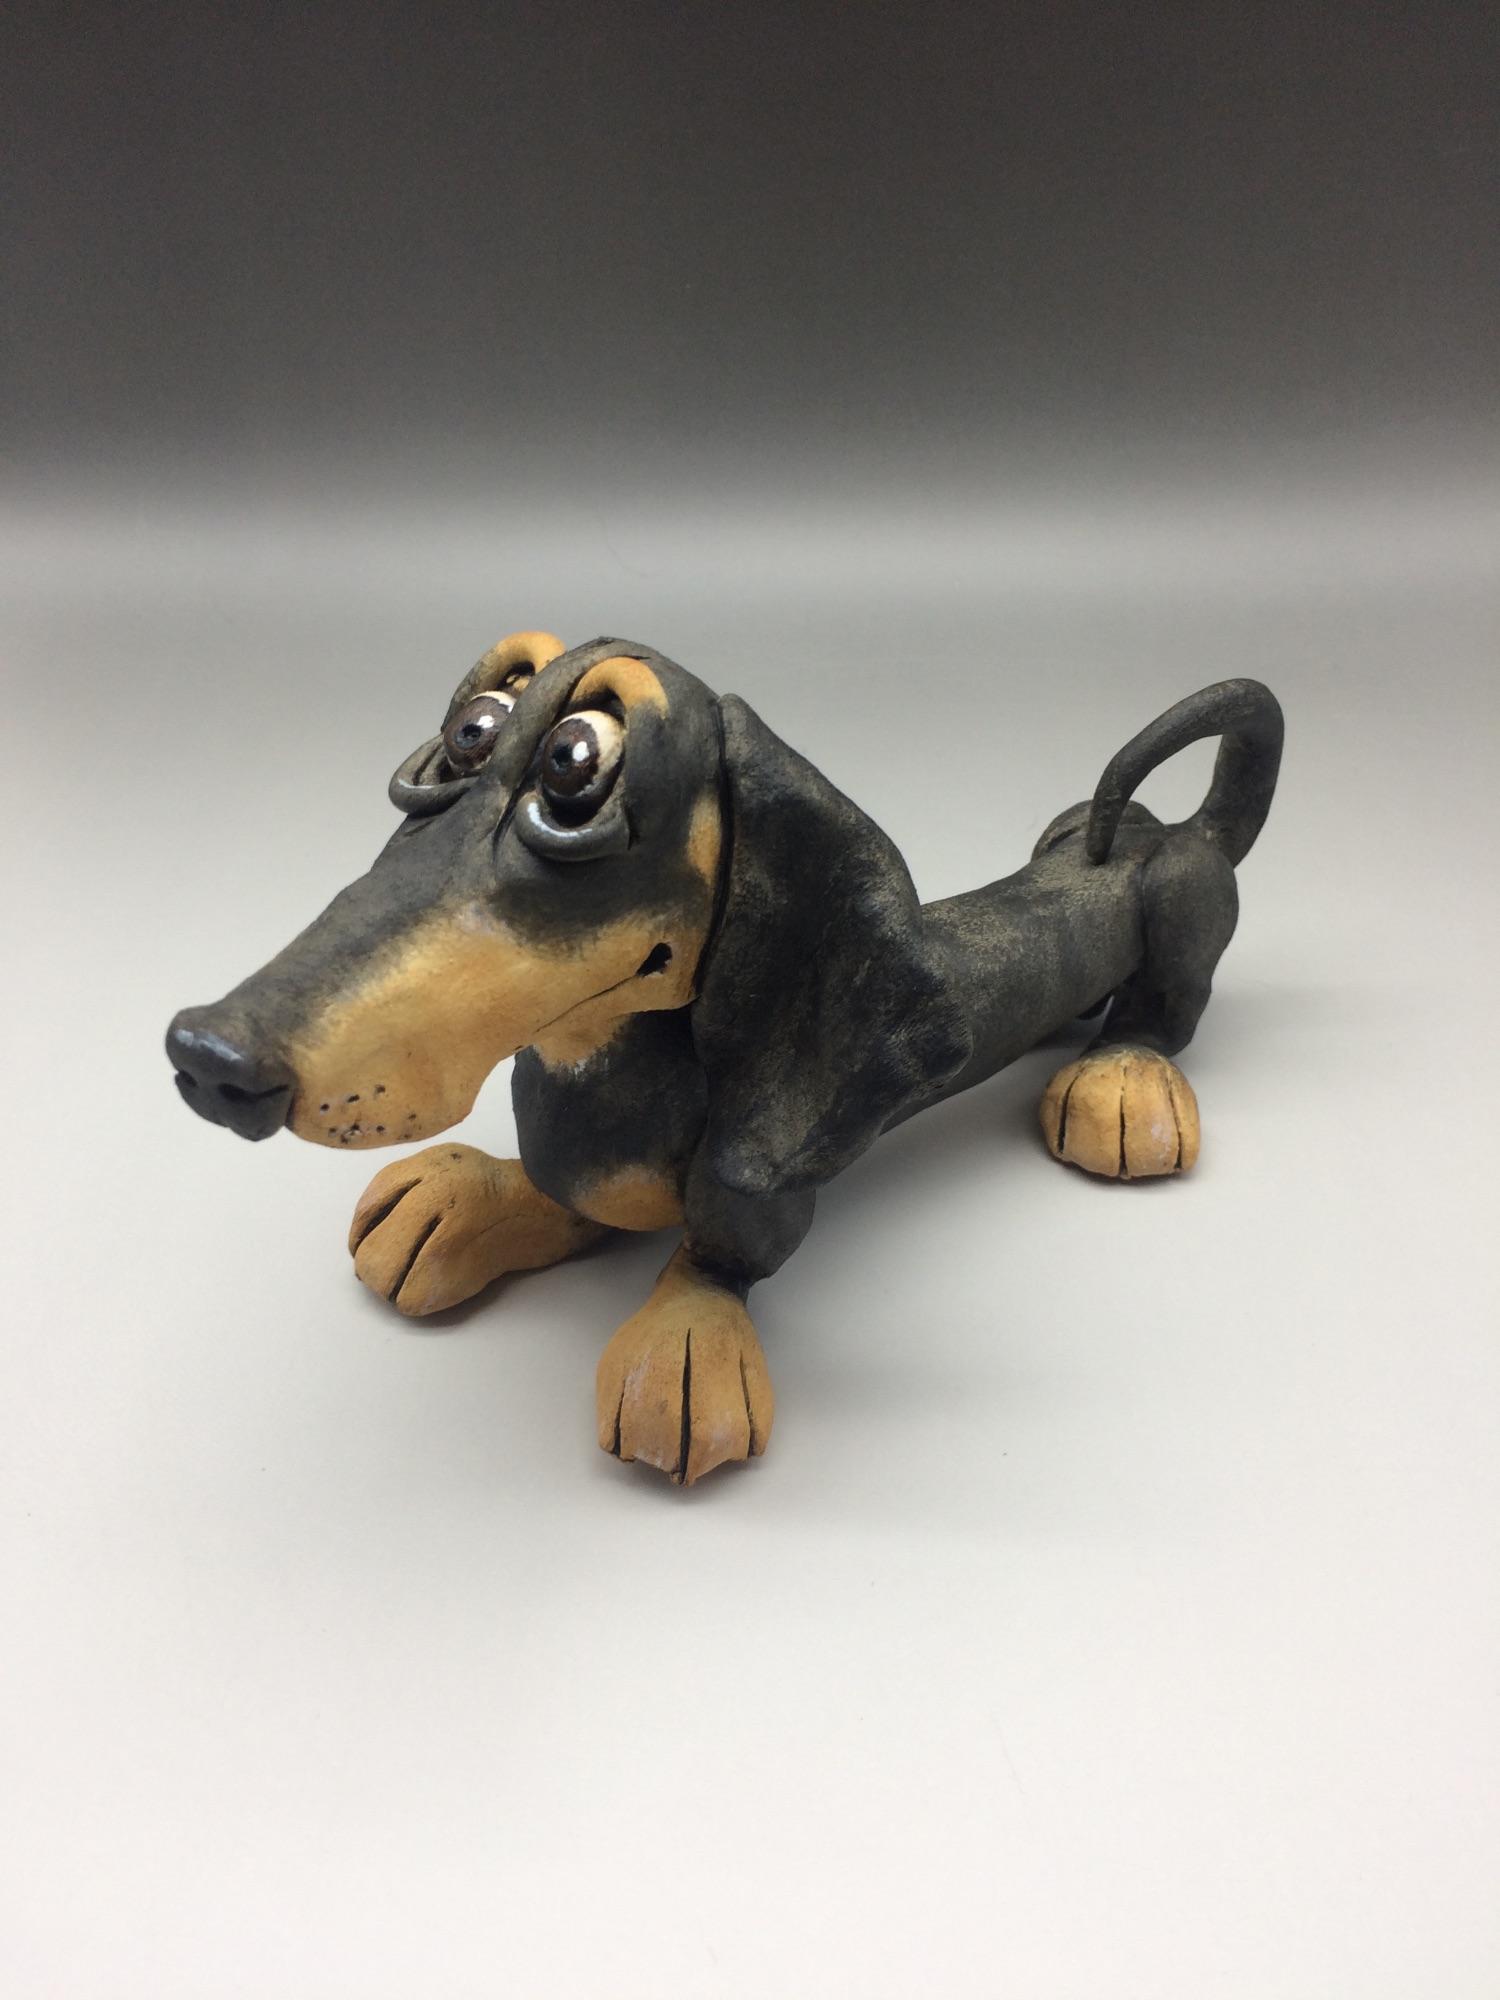 Dachshund Dog Sculpture Ceramic